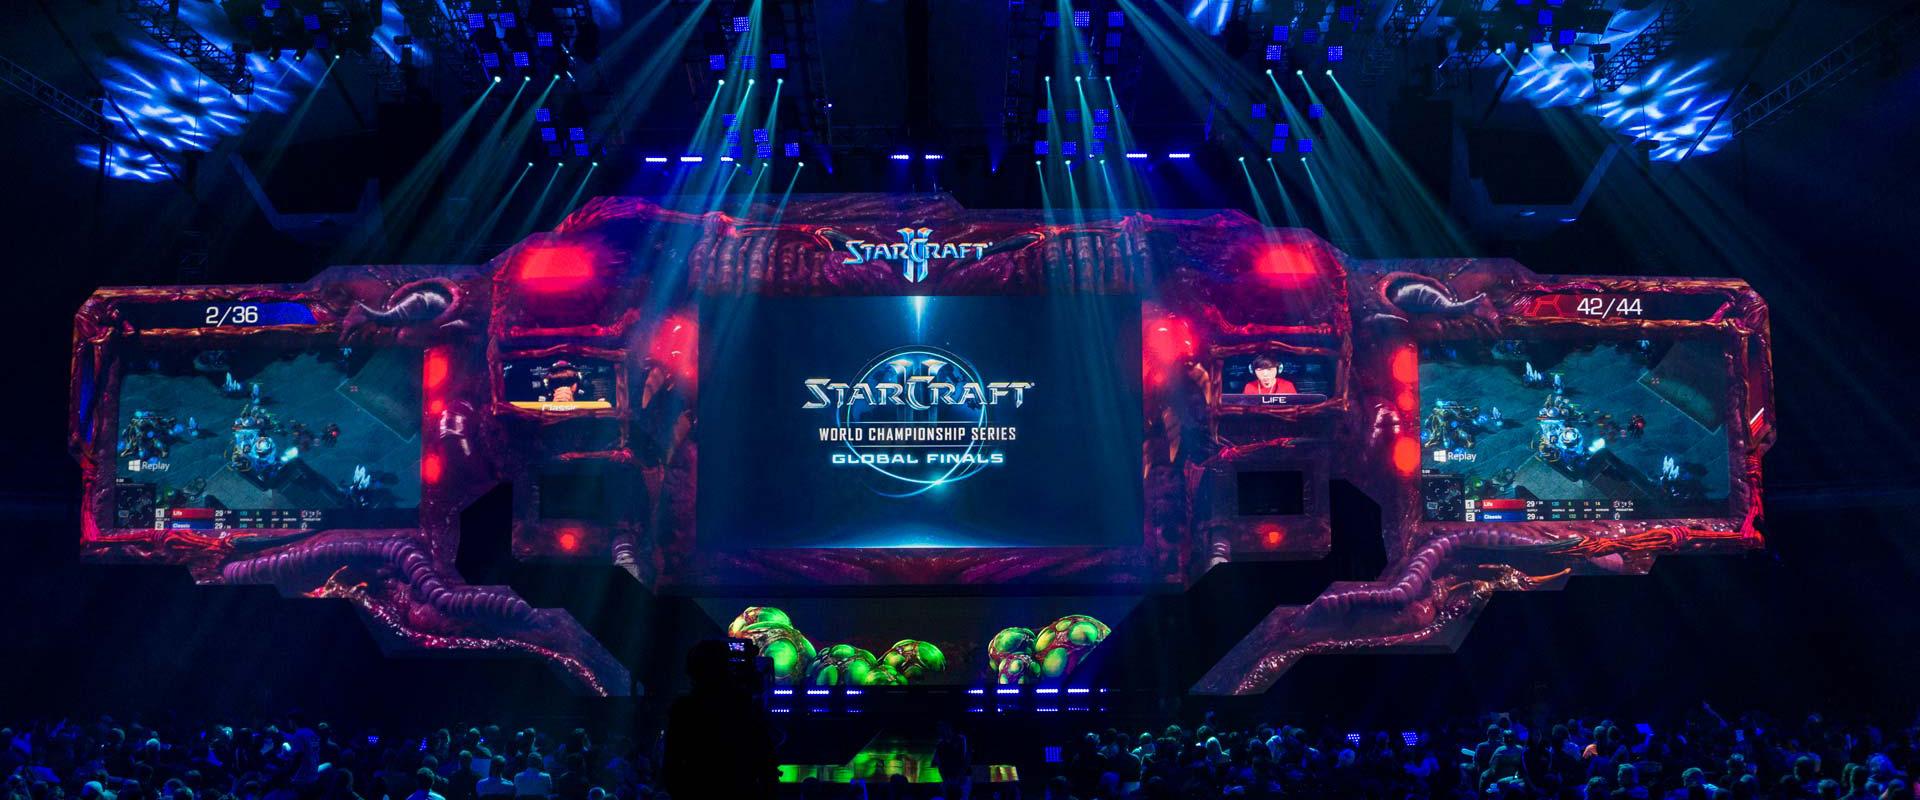 Blizzcon Starcraft 2